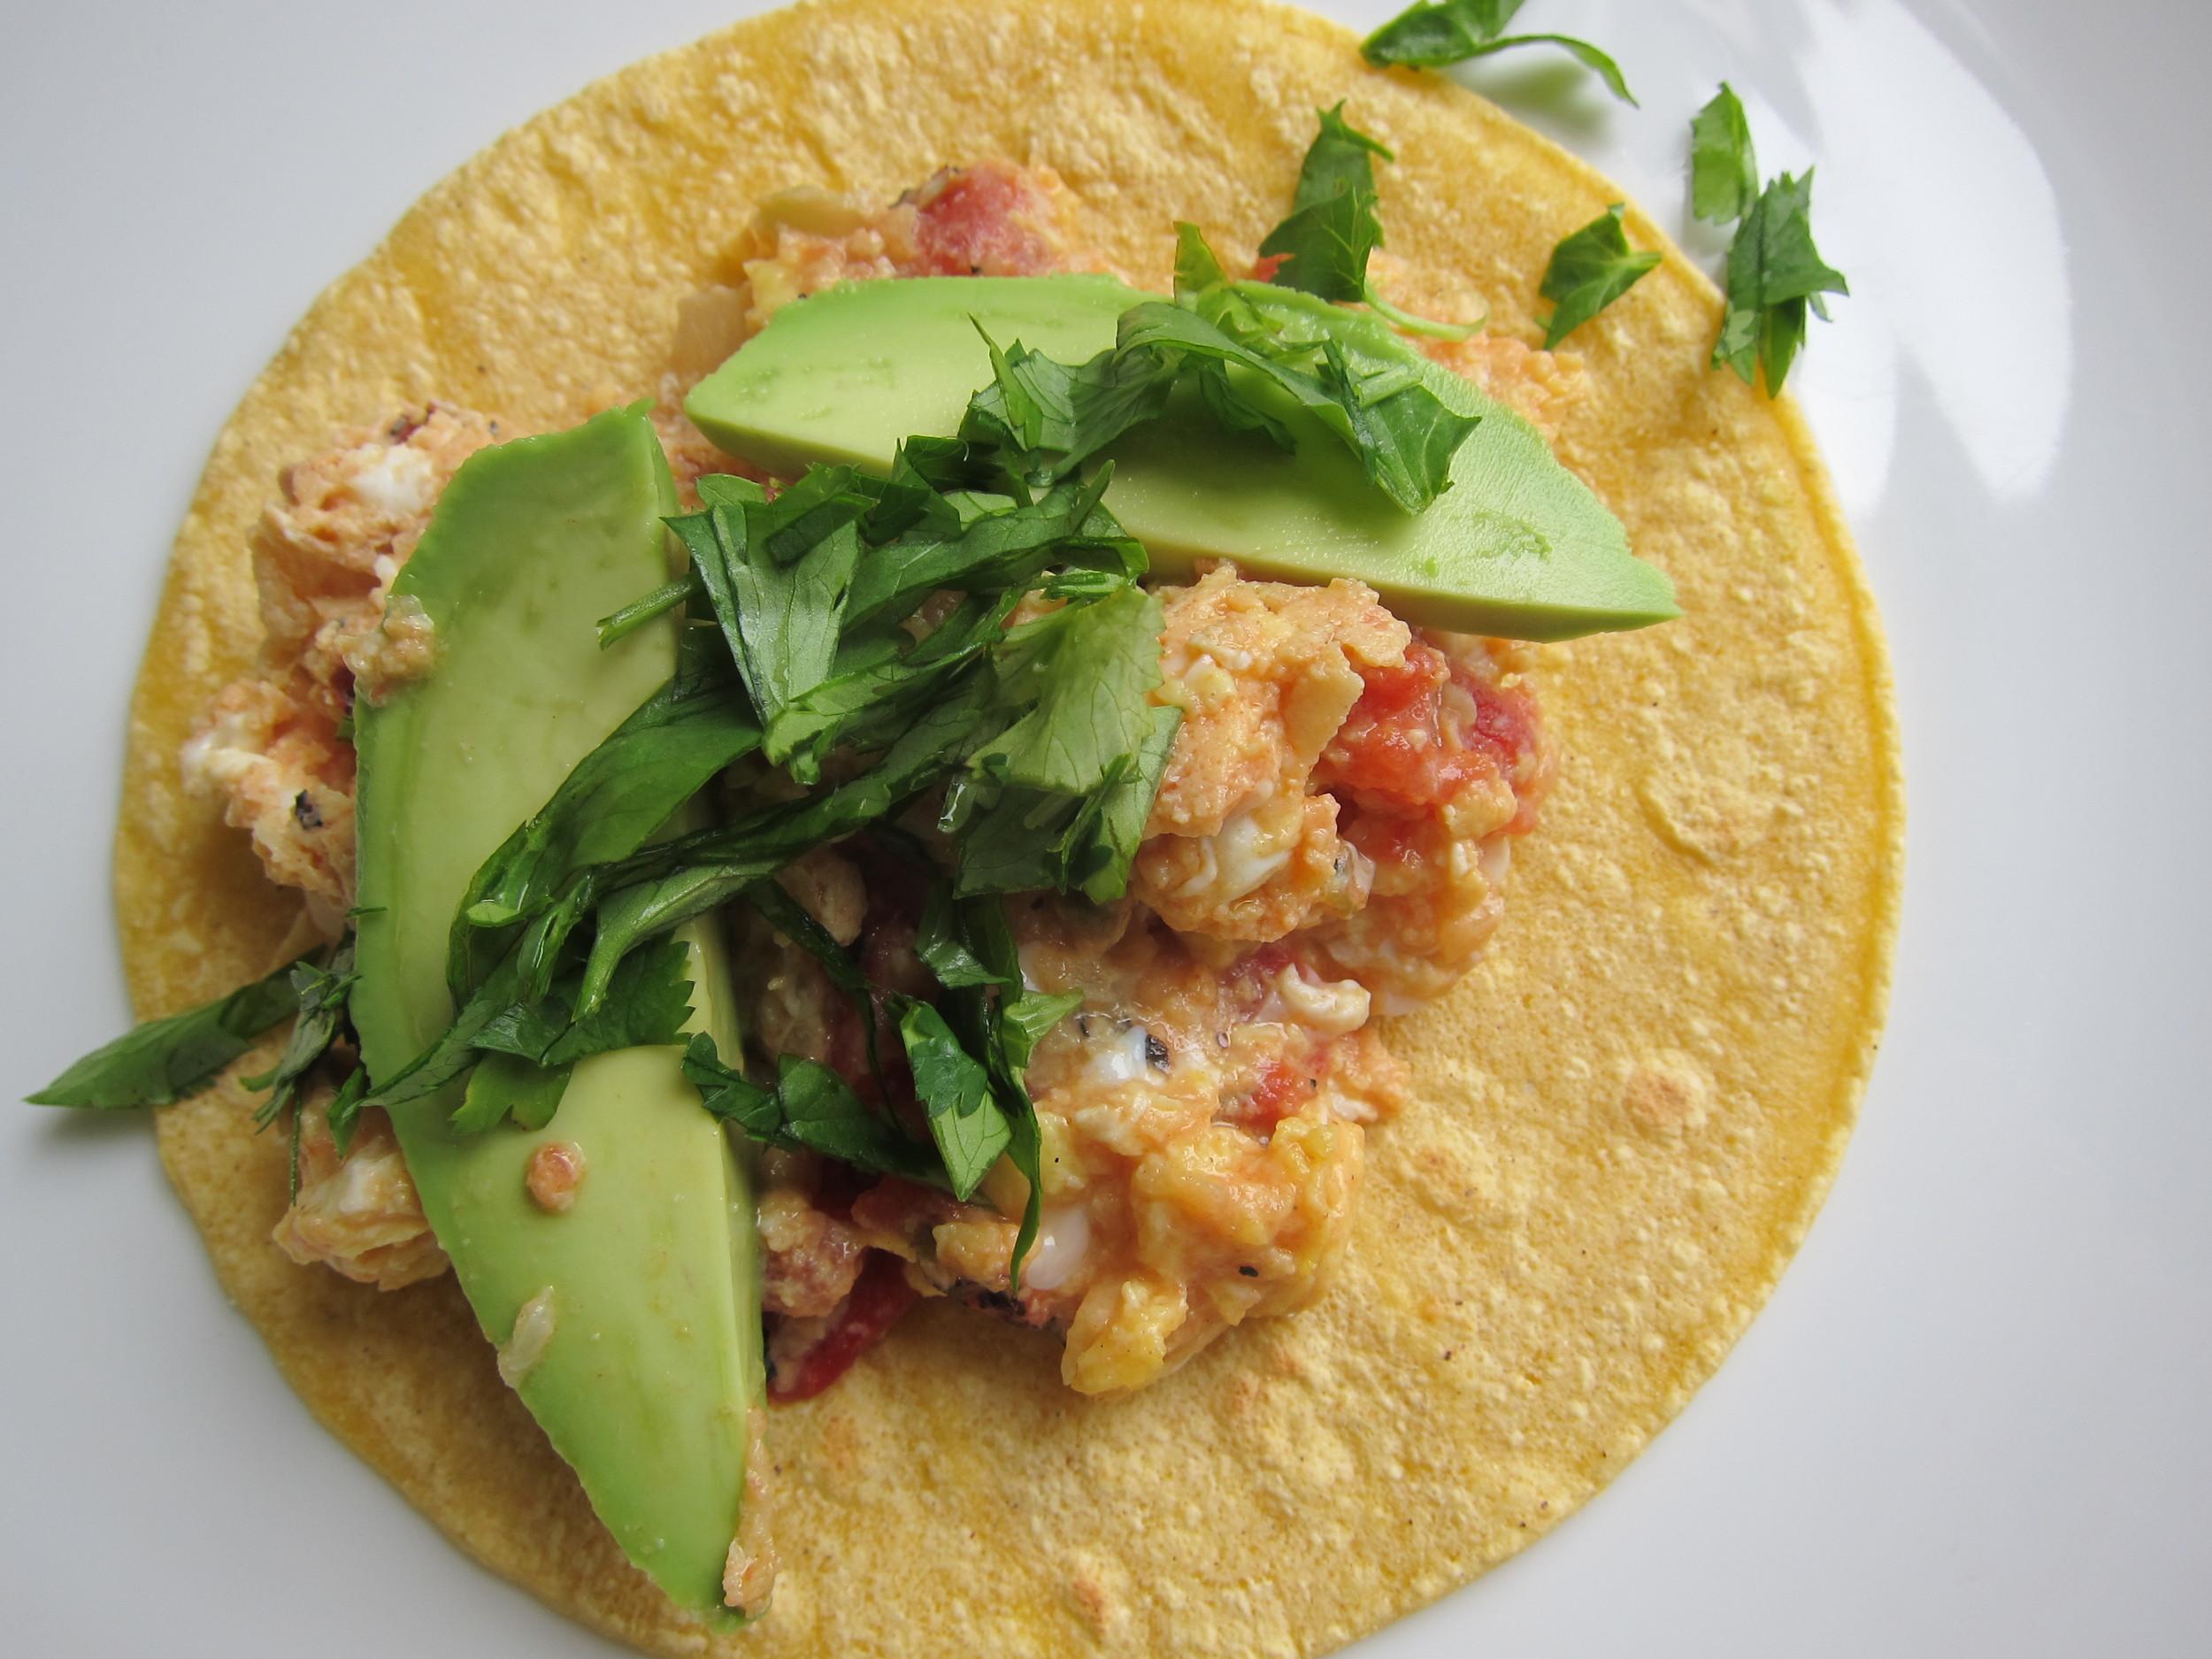 Tacos de Huevos Revueltos a la Mexicana; Mexican Scrambled Egg Tacos